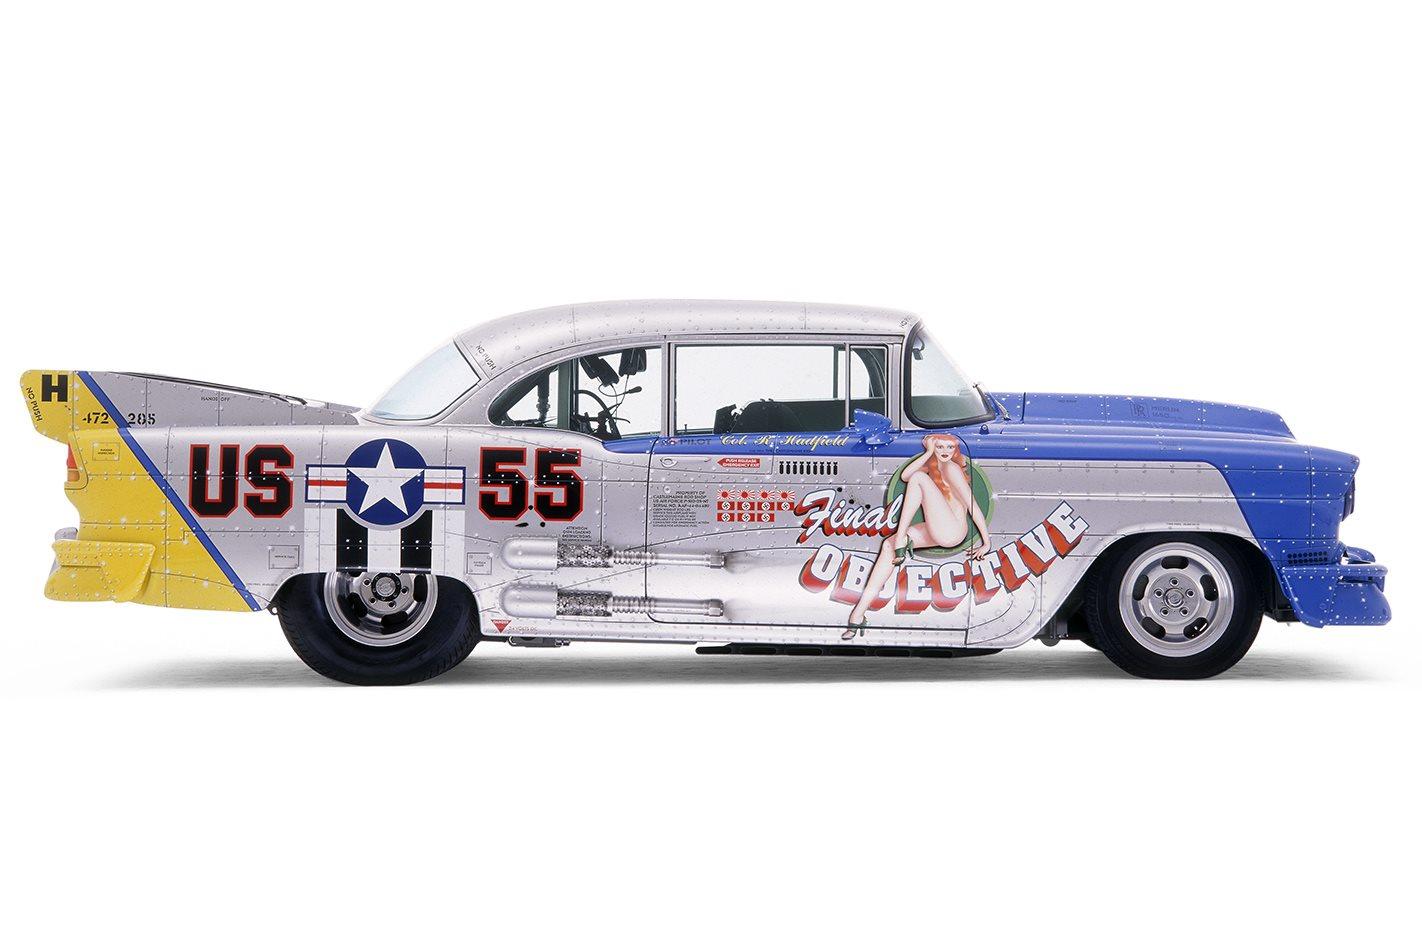 1955 Chevrolet Massive Attach side view